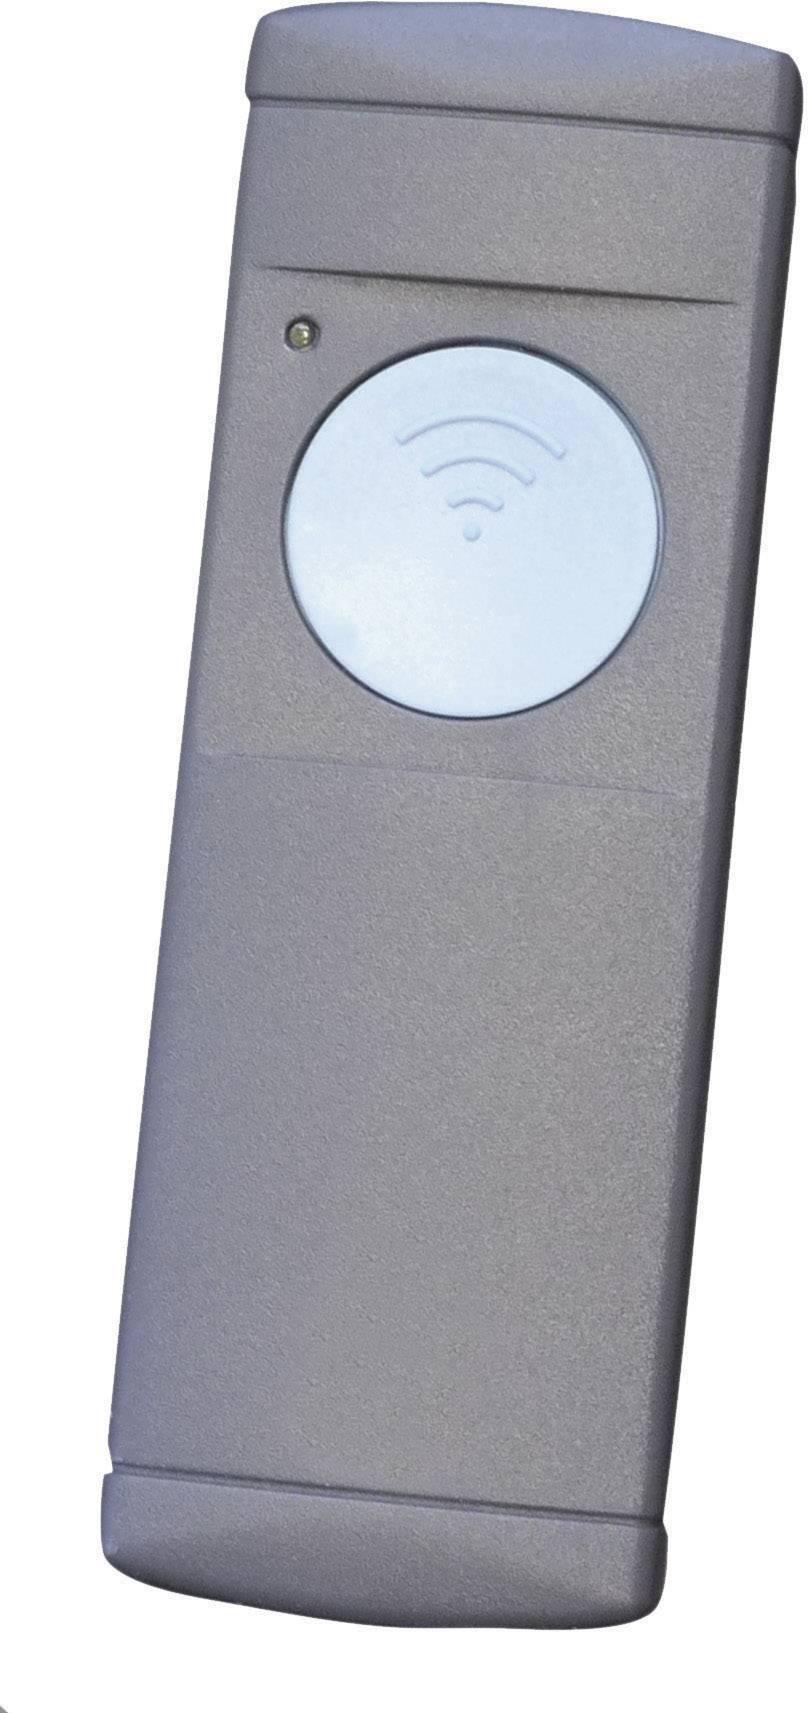 Dálkový ovladač Kaiser Nienhaus, 350170, 868 MHz, 30 m, 1tlačítkový